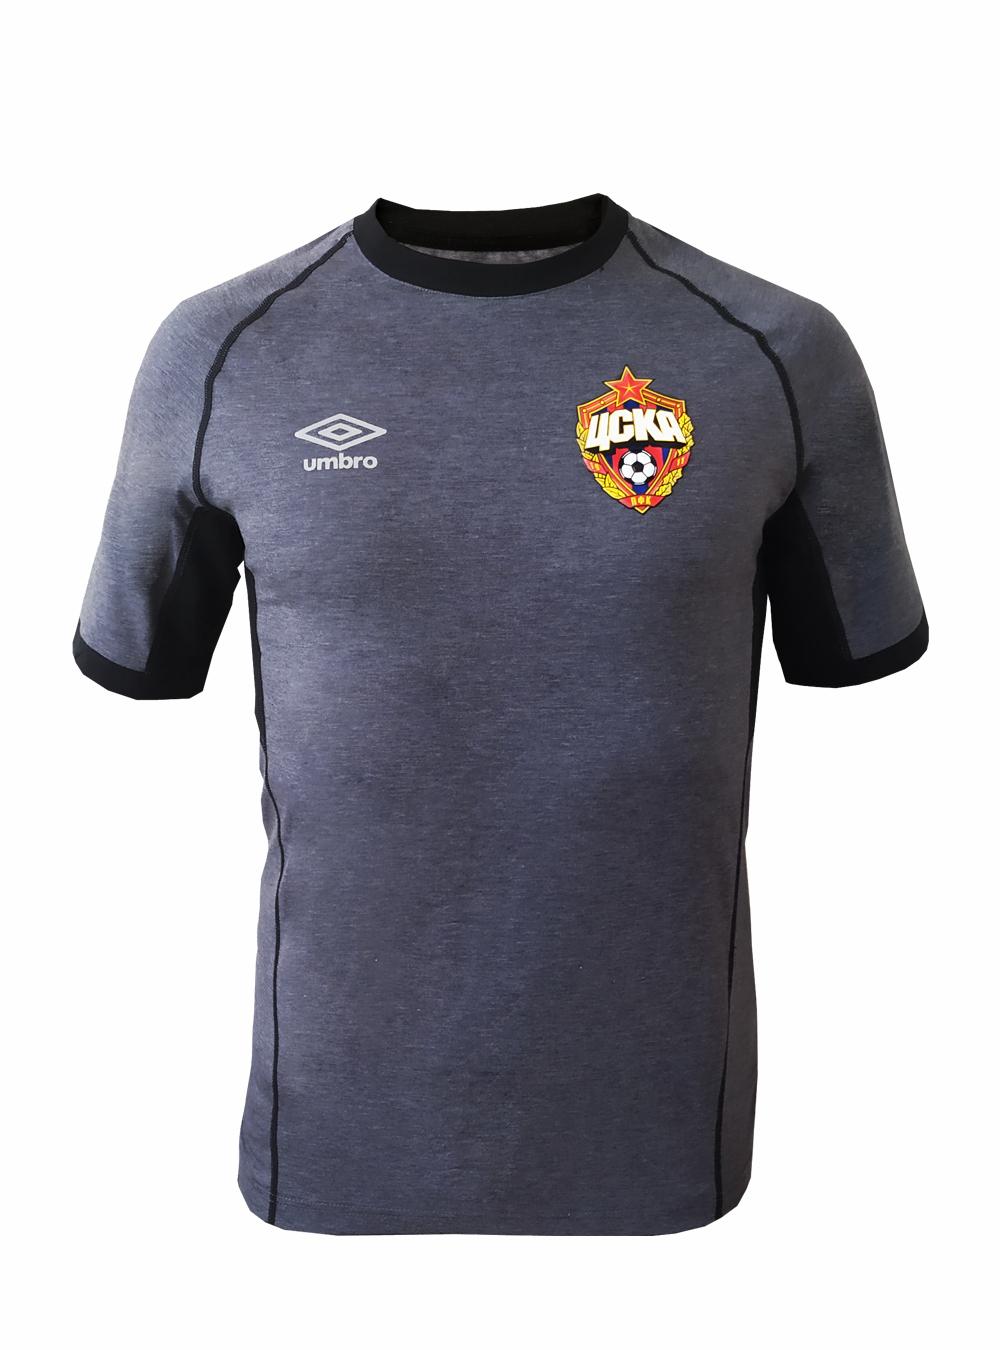 Купить Костюм повседневный (футболка х/б), серый меланж/черный/серебро (XL) по Нижнему Новгороду